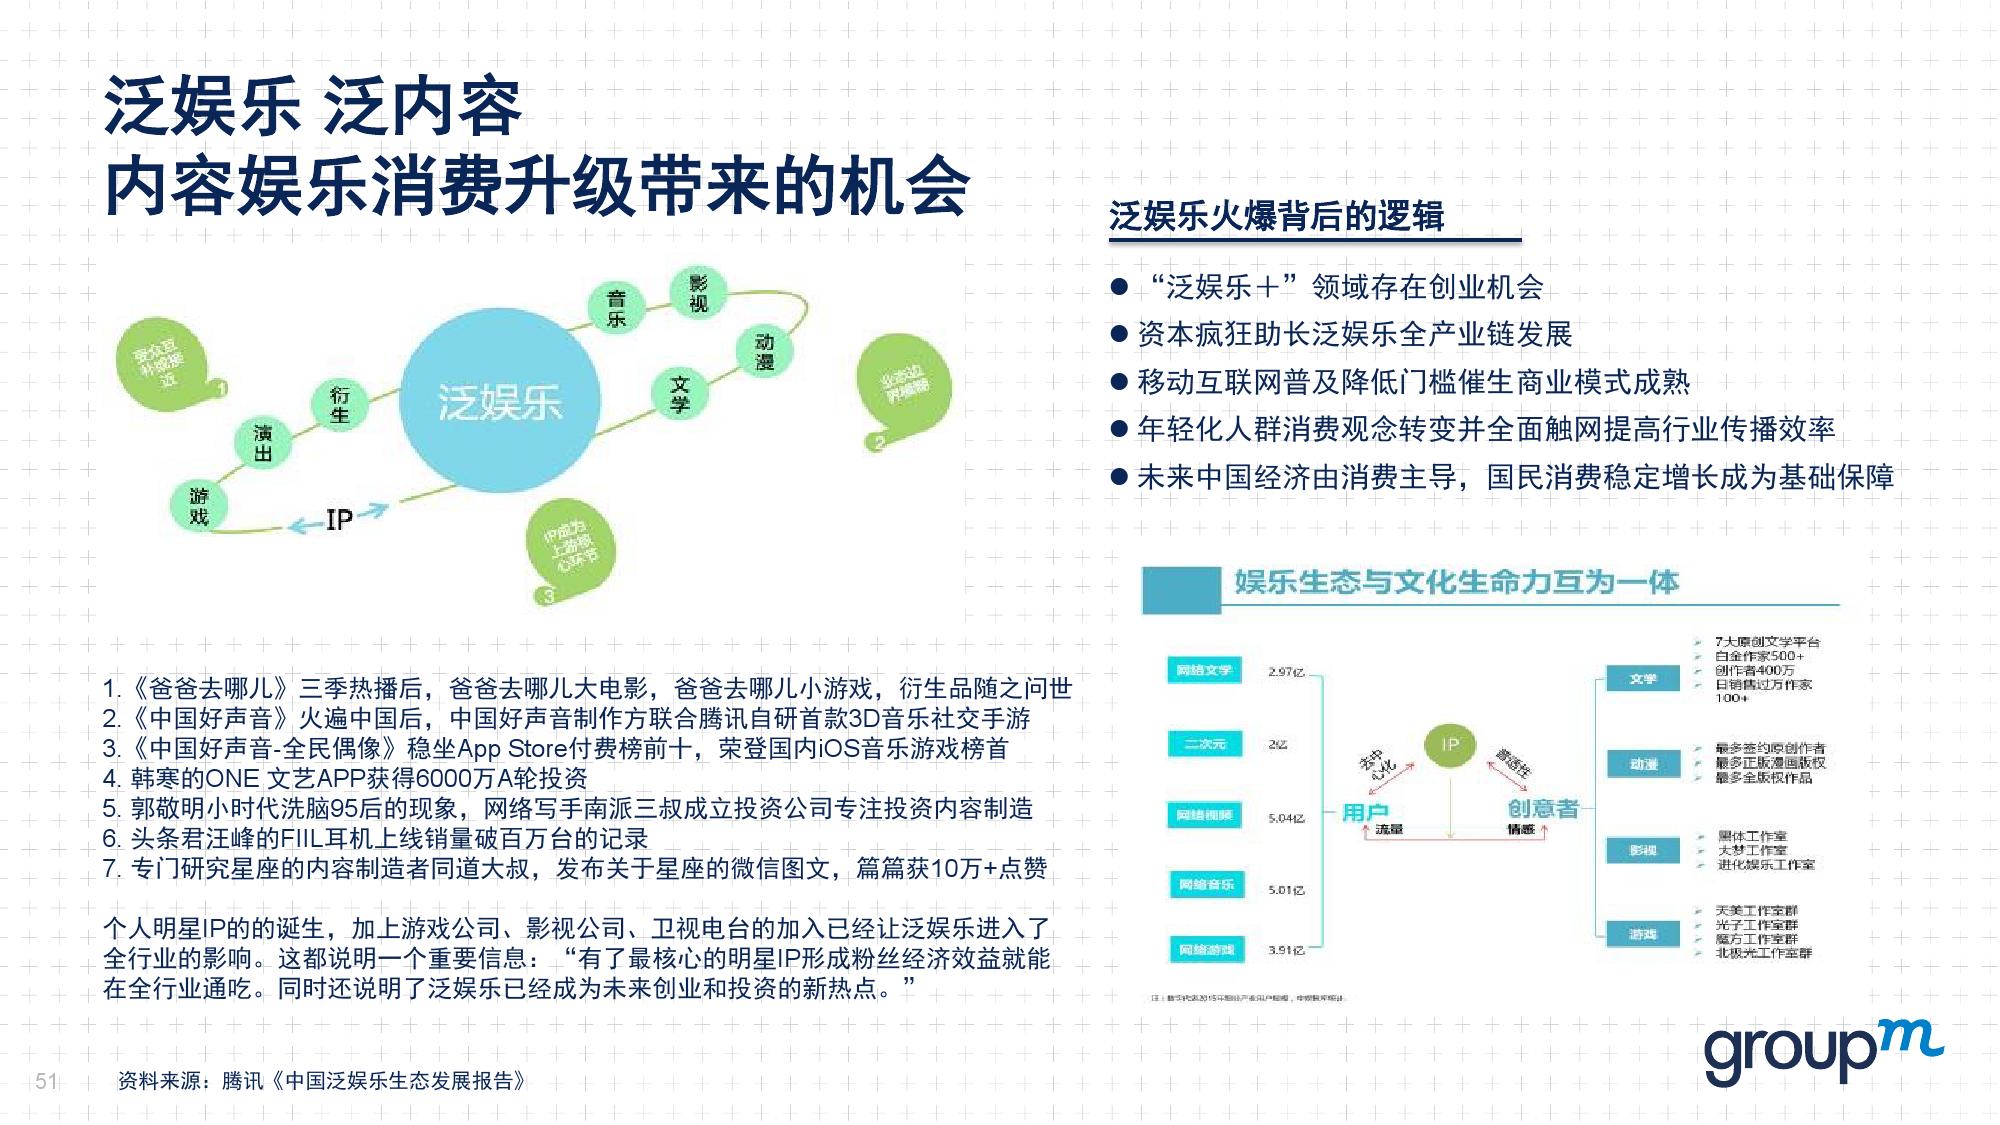 赢在中国2016:从需求刺激转向供给侧改革_000051